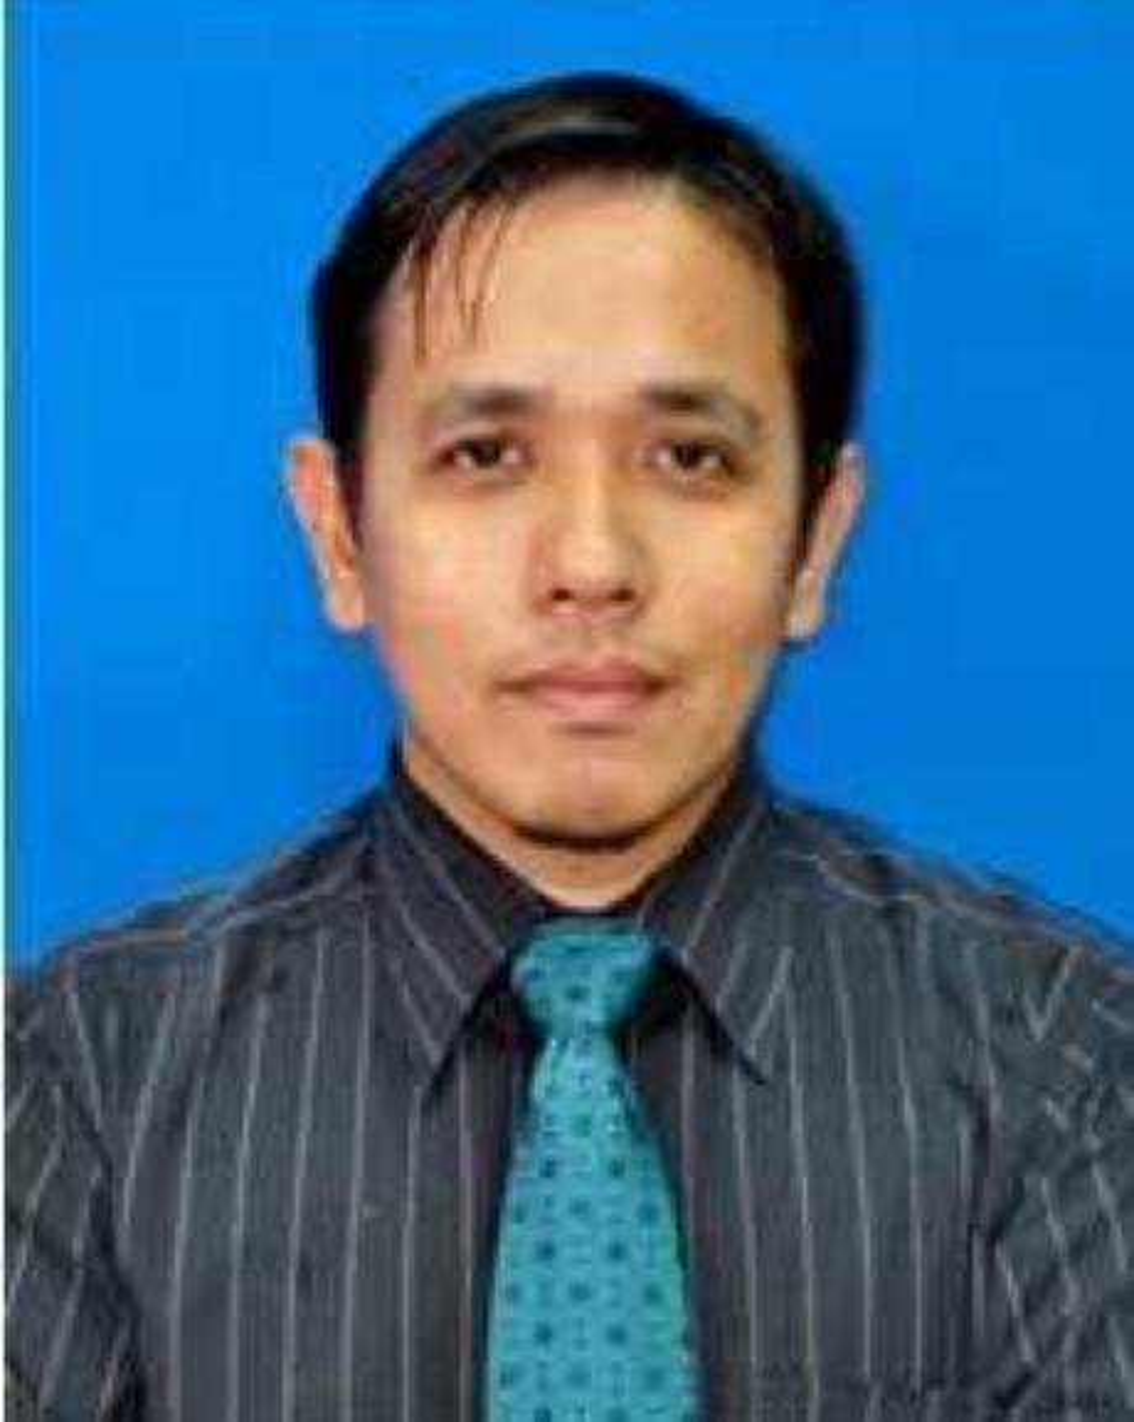 Mustakim Bin Ahmad